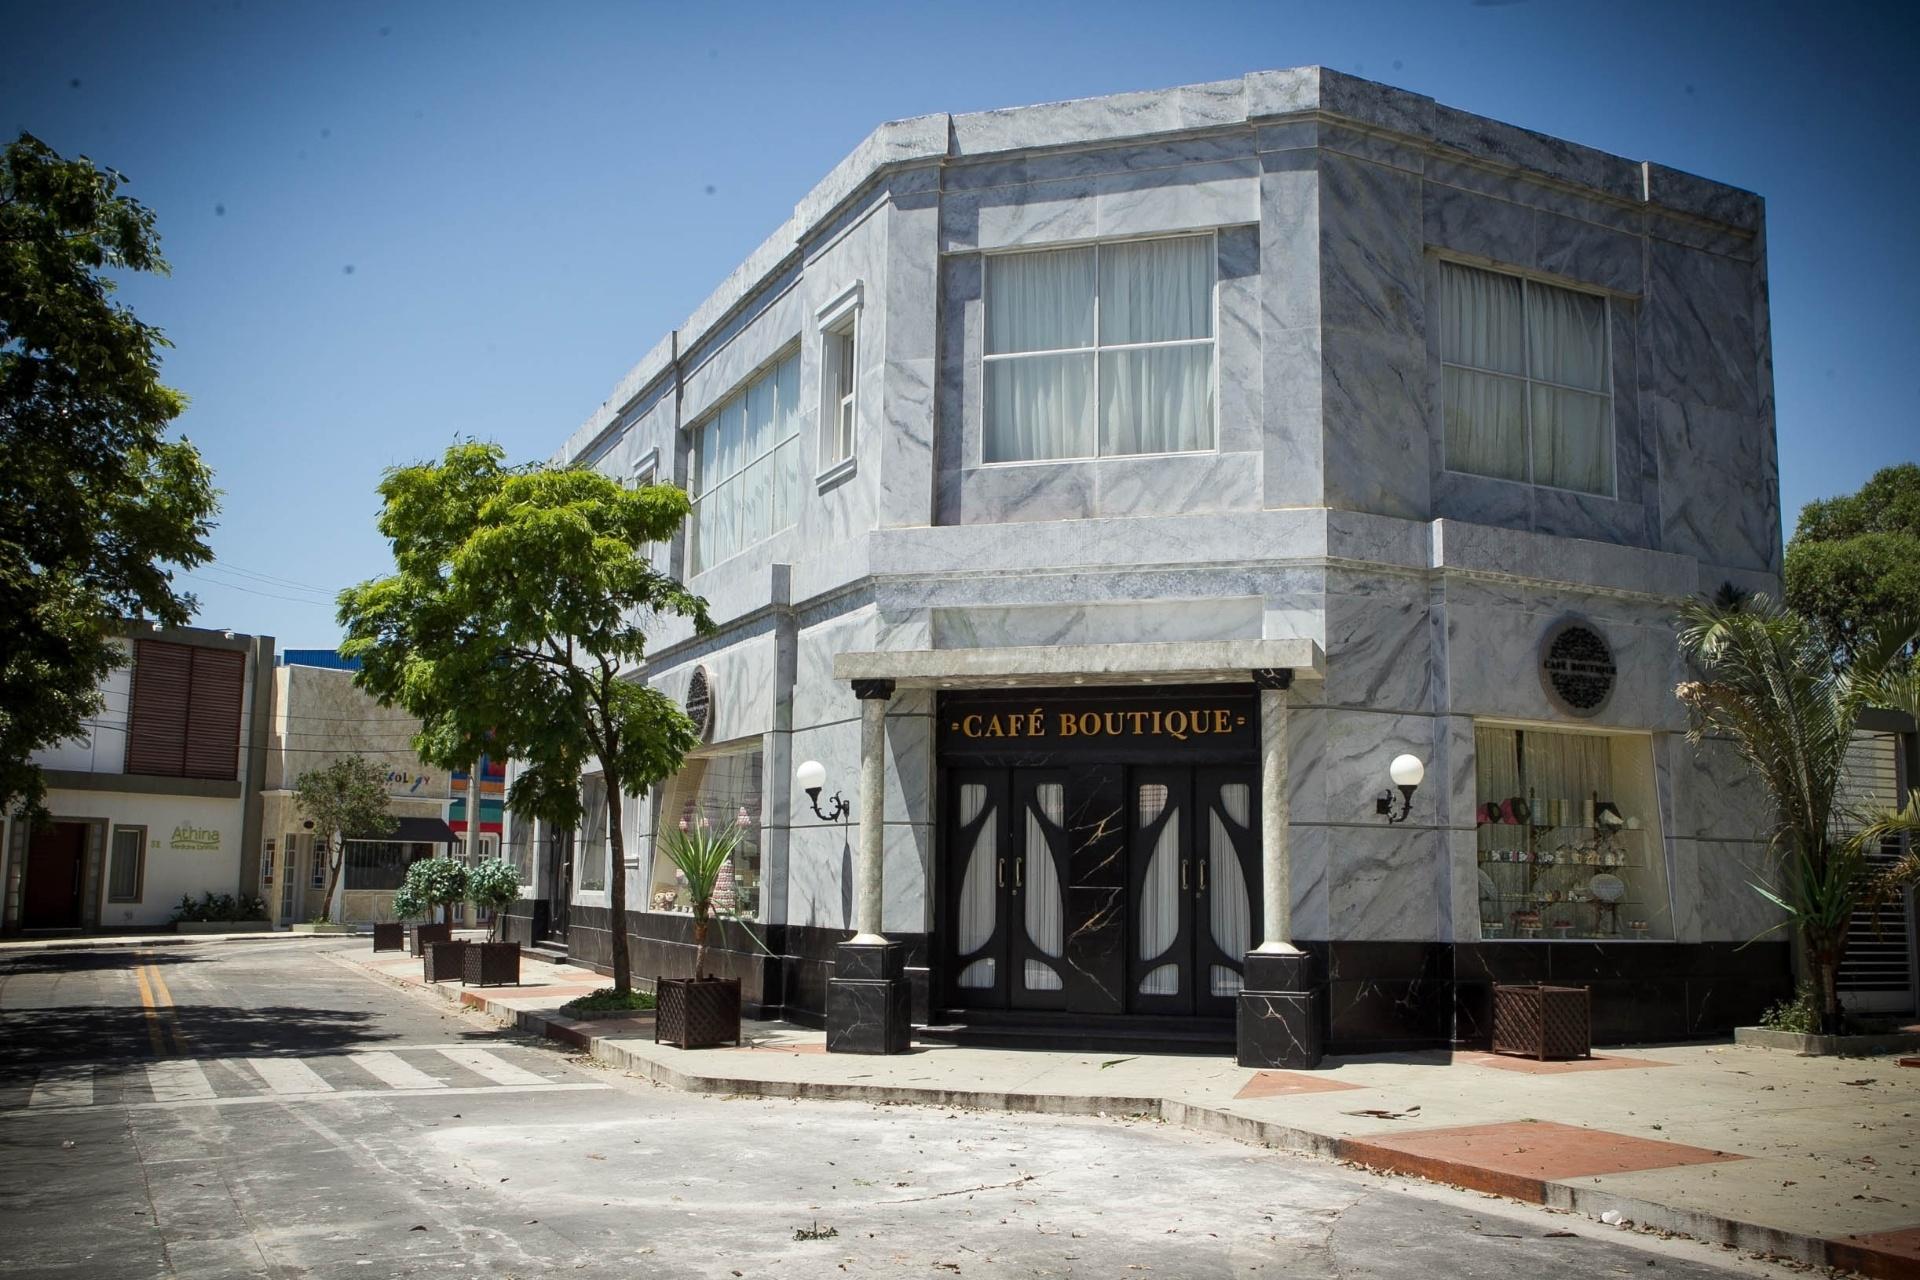 14.nov.2013 - Detalhe para o Café Boutique na cidade cenográfica de